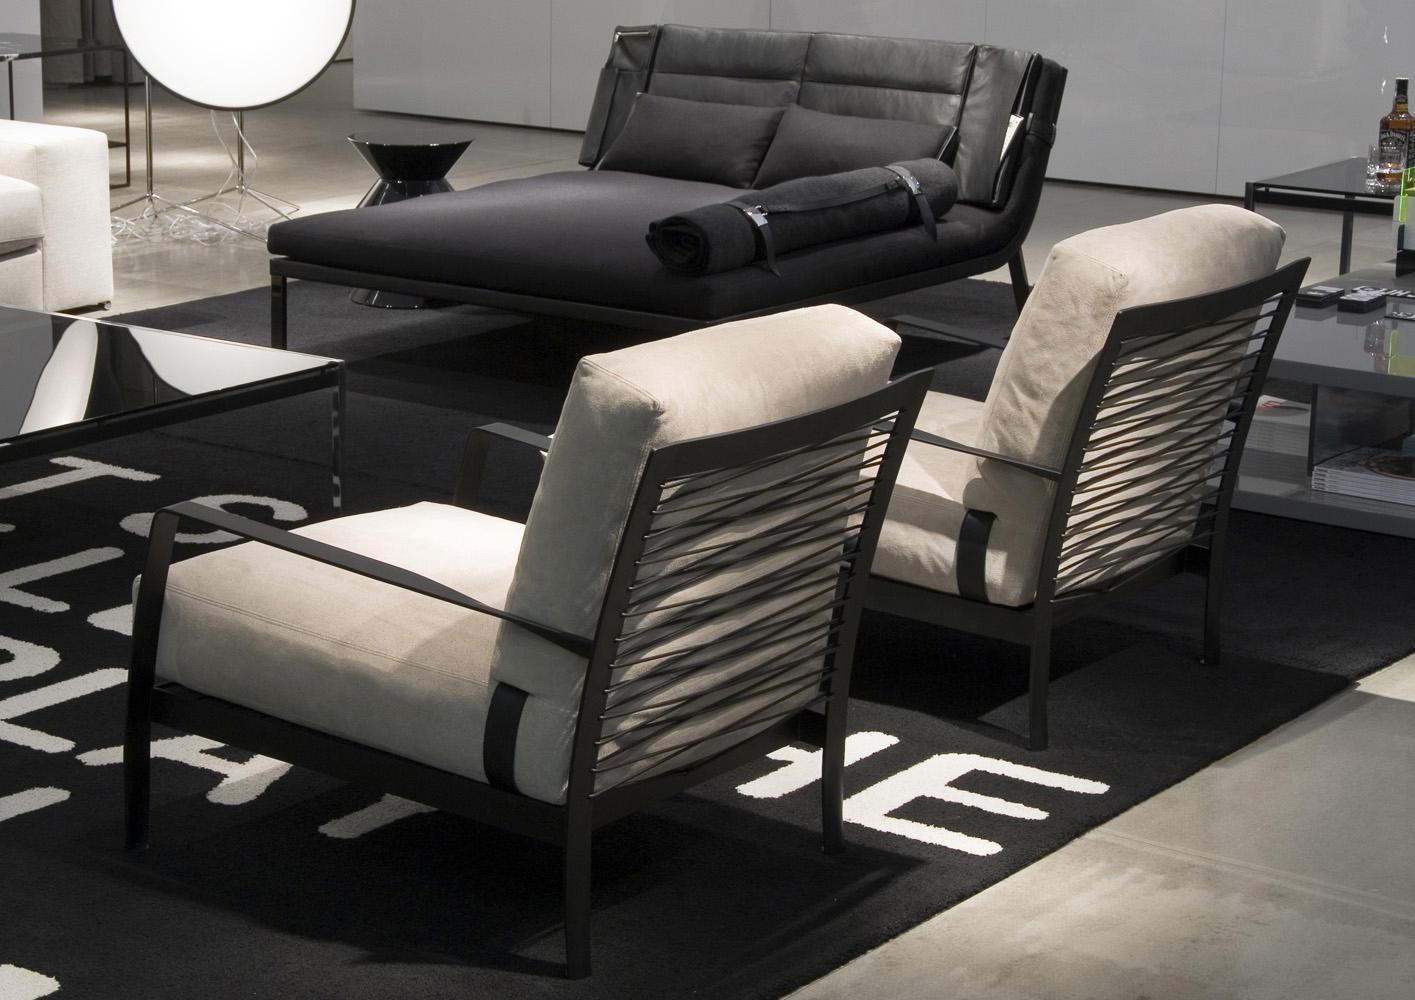 RICHARDS - Lounge chairs from Minotti | Architonic